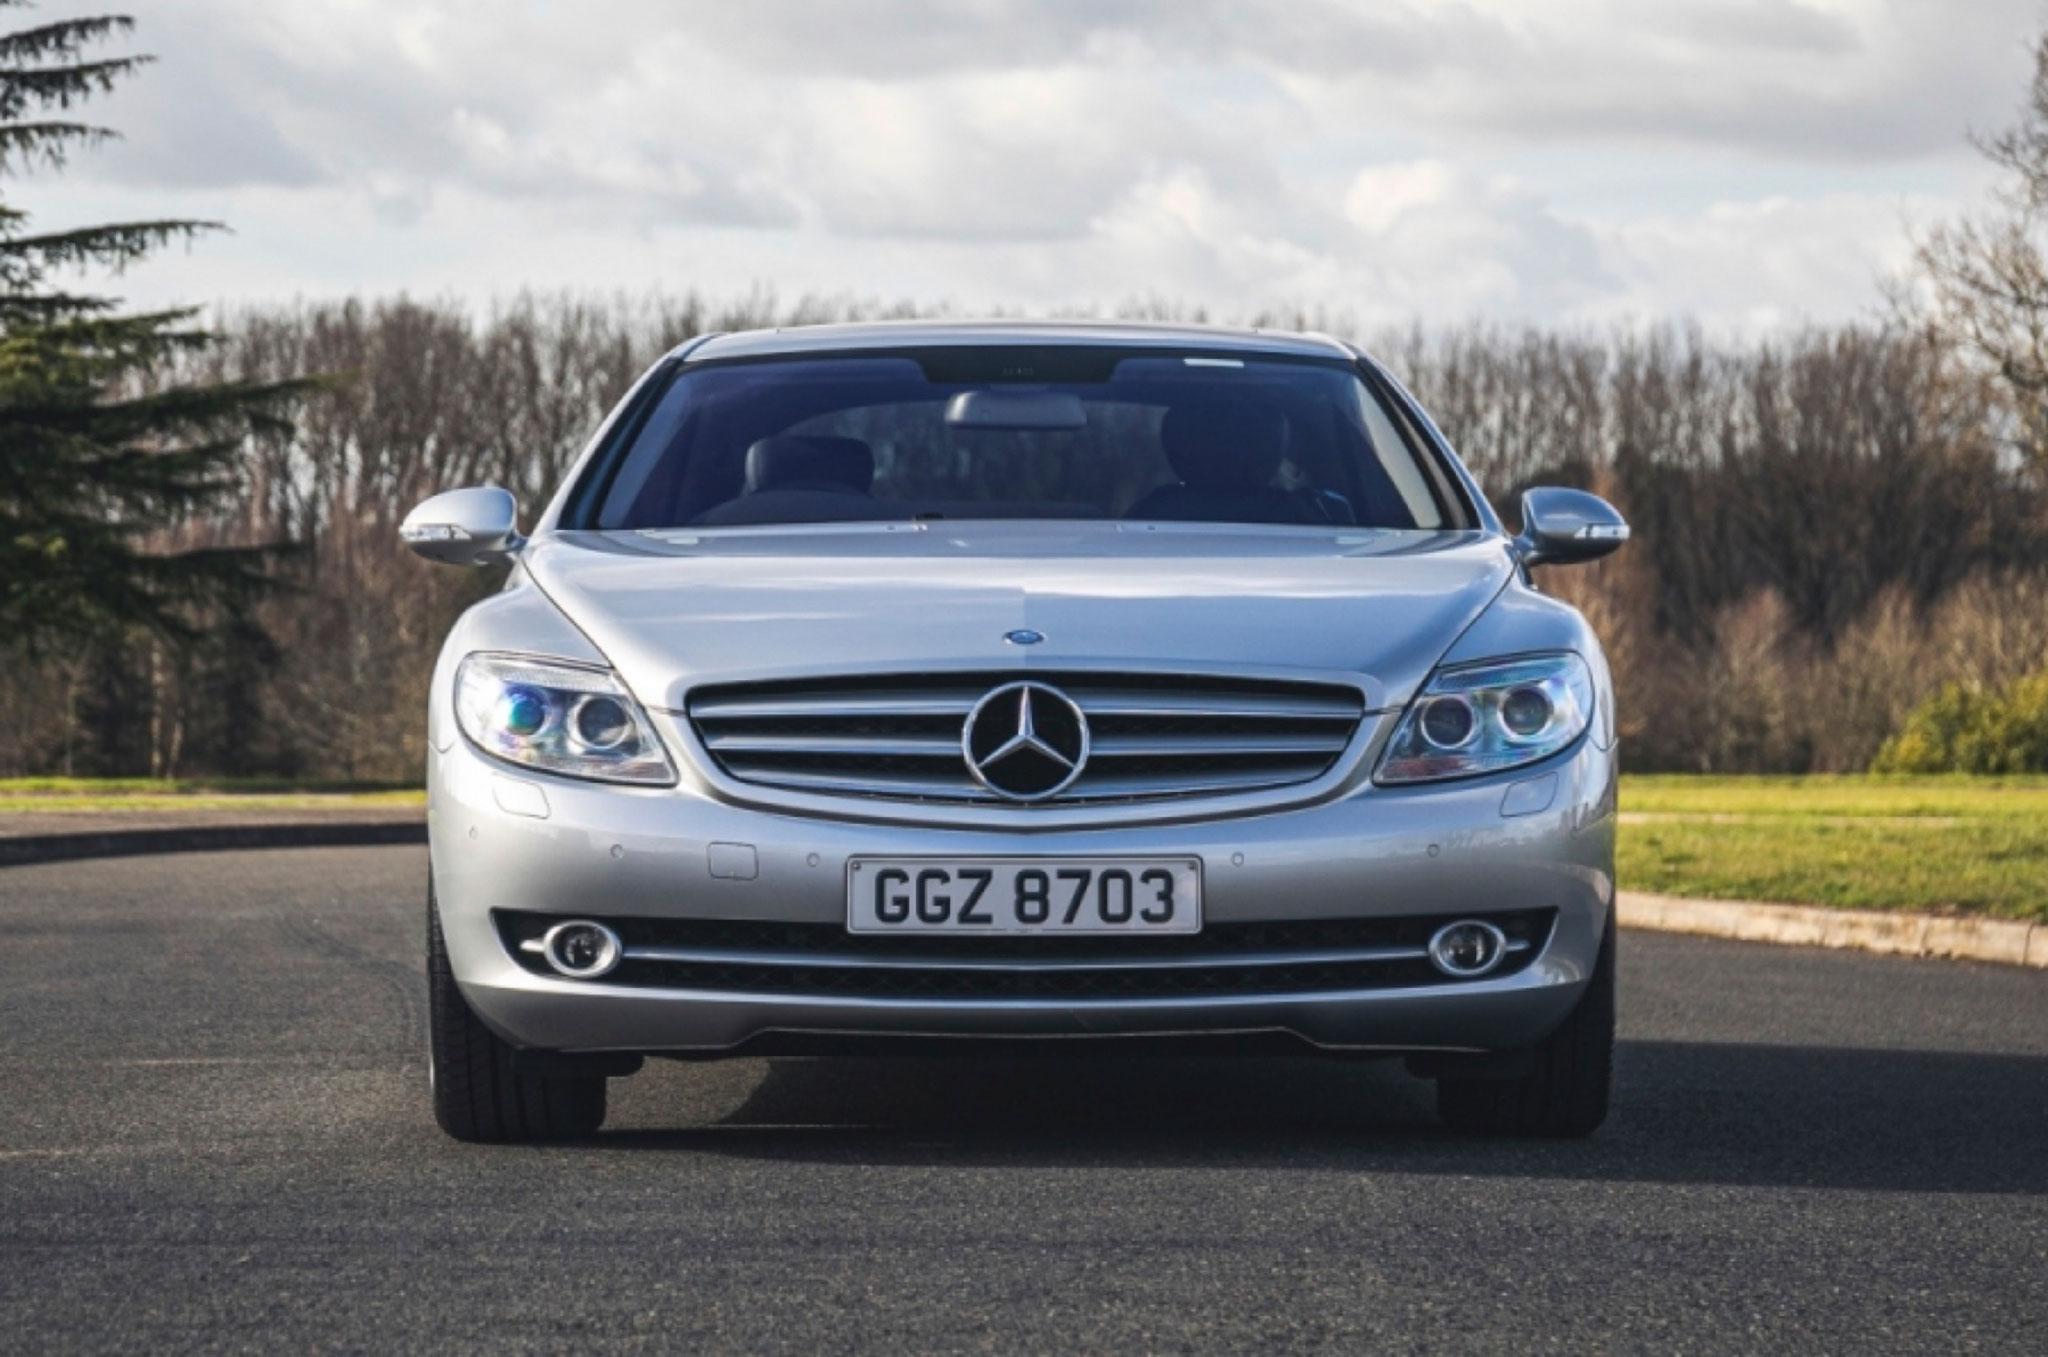 2008 Mercedes-Benz CL500 face avant - Classic Car Auctions mars 2021.